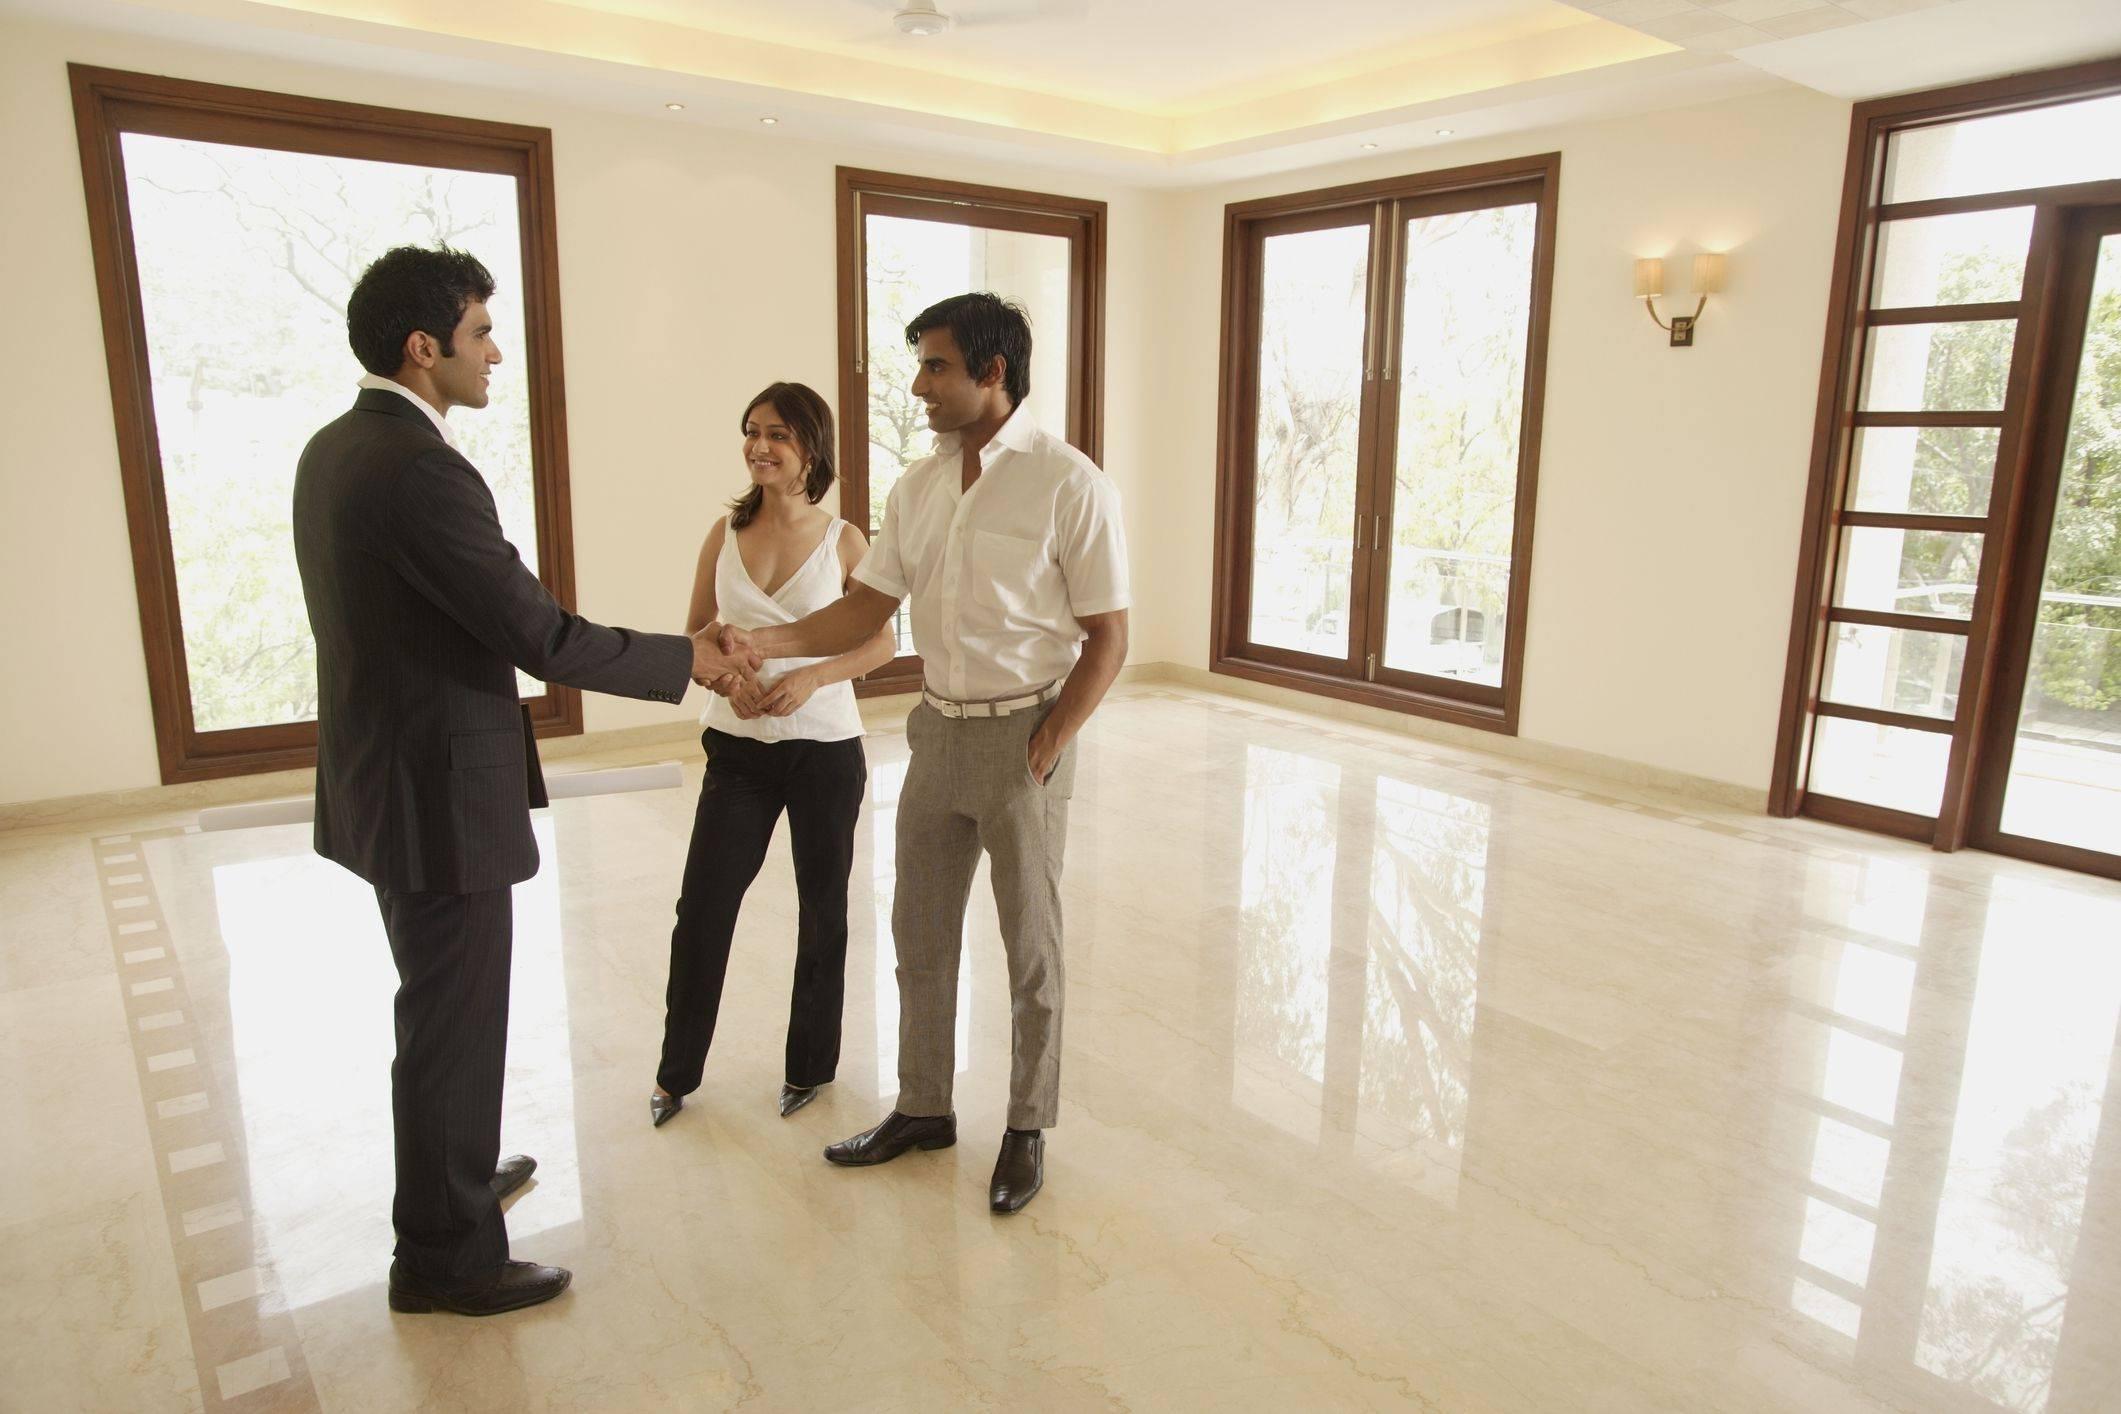 Покупка квартиры в петербурге для сдачи в аренду: да или нет? рентабельность, сроки окупаемости, советы